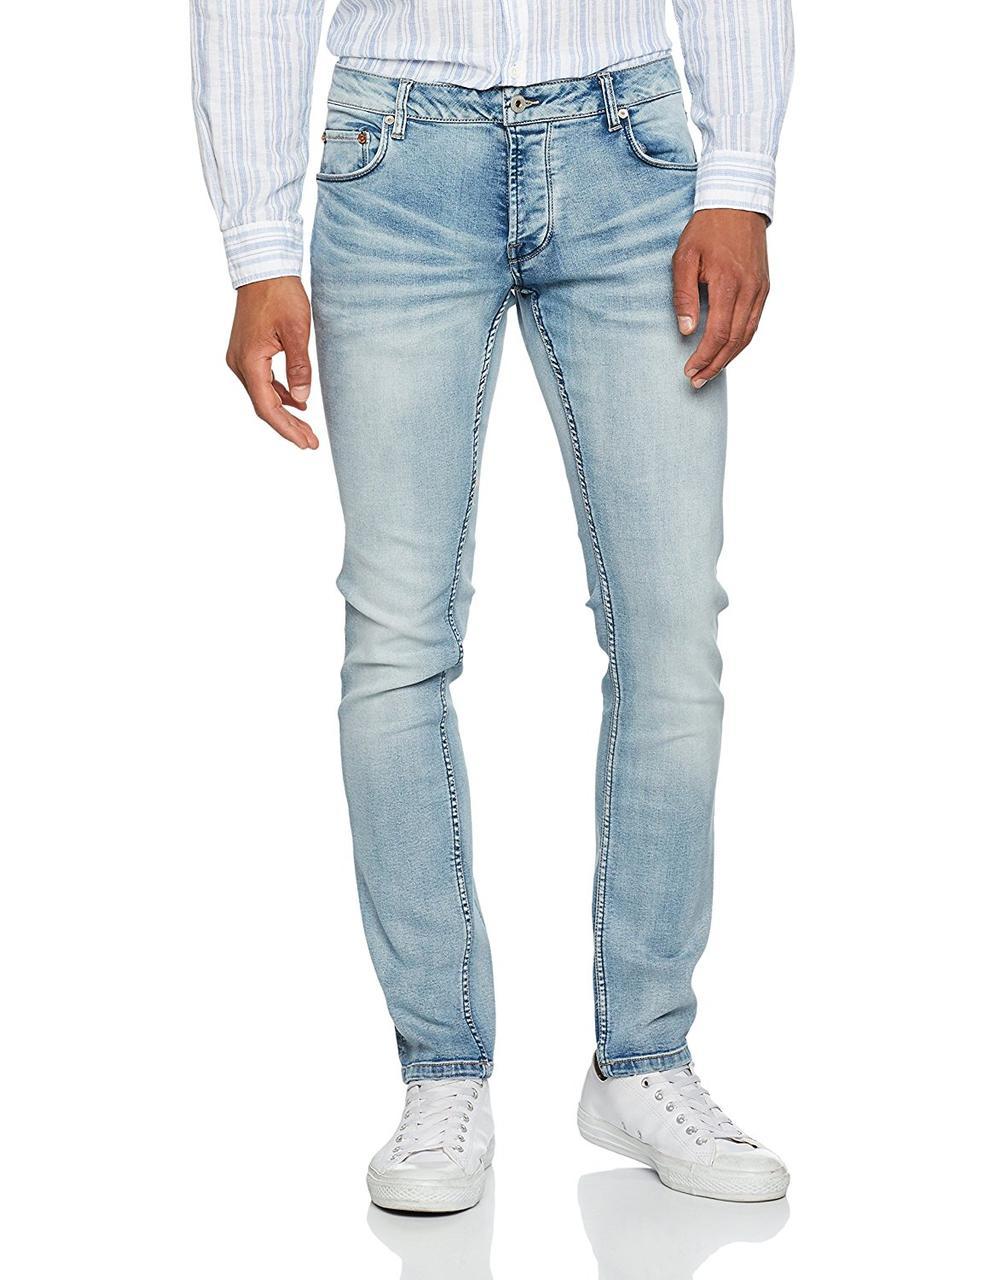 15026661ca3 Мужские светлые джинсы skinny Dexter от !Solid (Дания) в размере W33 ...